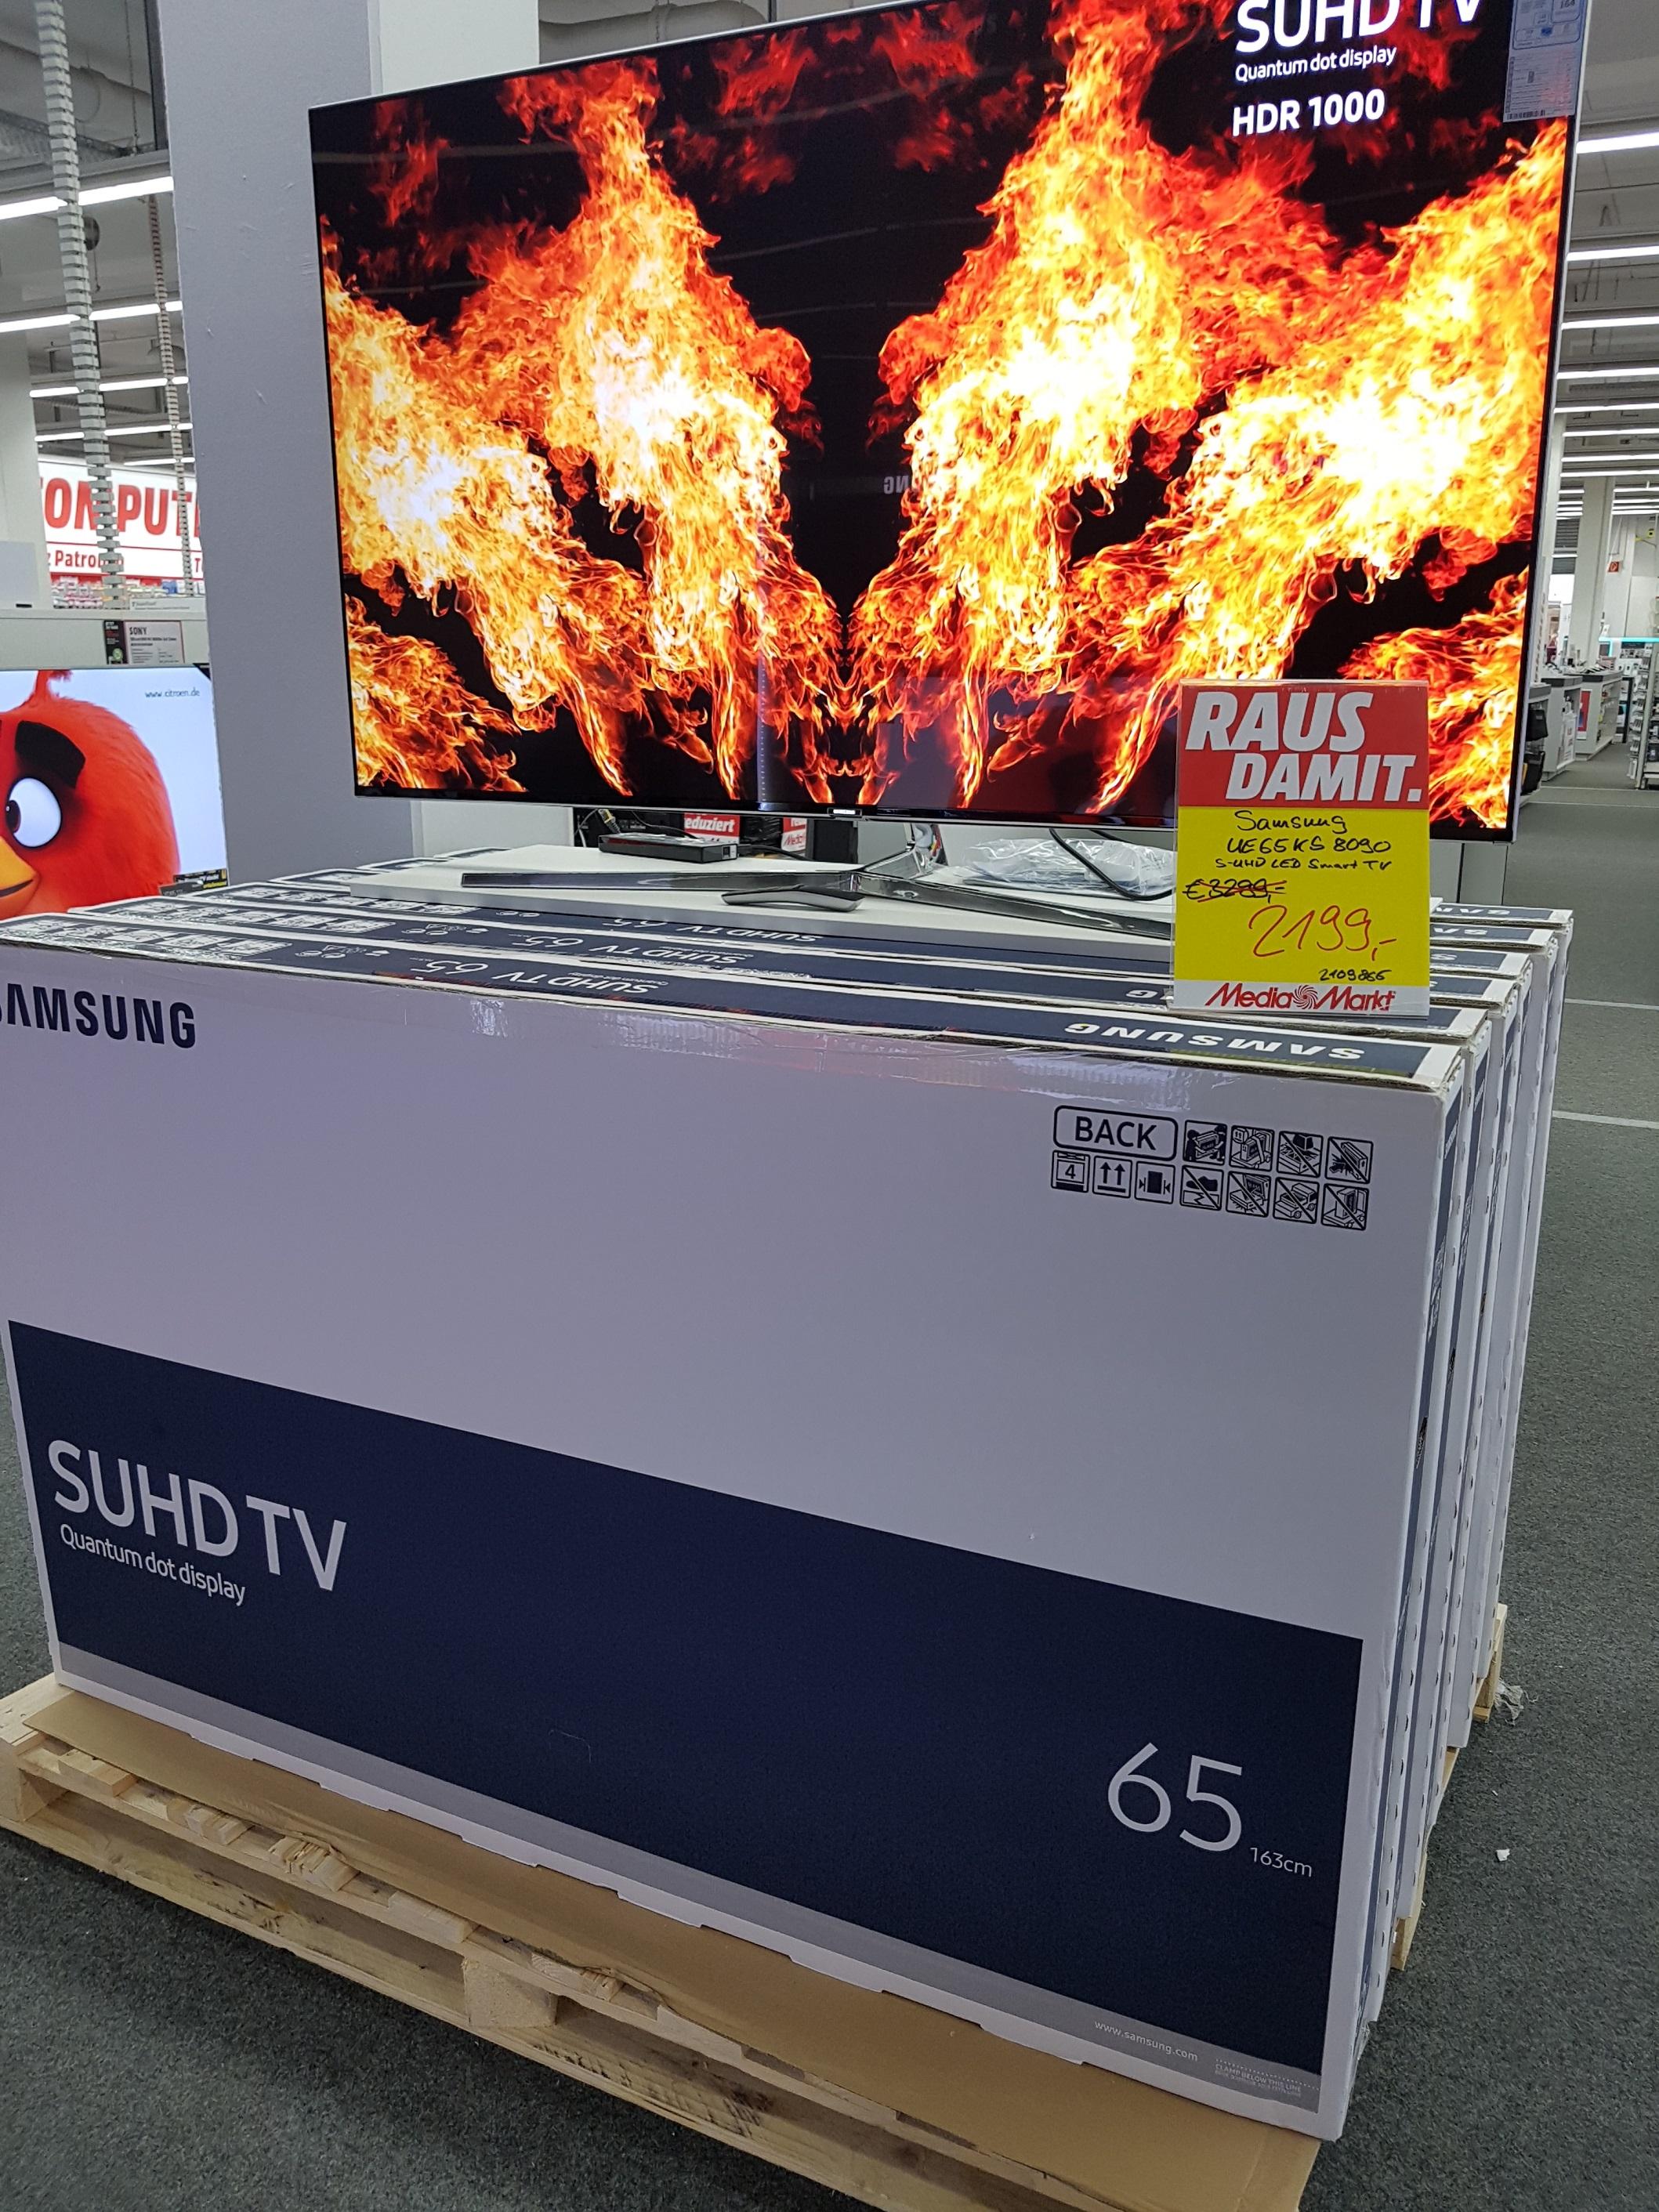 [Mediamarkt Nordhorn] Samsung SUHD UE65KS8090T deutsches Modell für statt 3299,- (Flat, 65 Zoll, UHD 4K, SMART TV) 33Monate 0% Finanzierung möglich